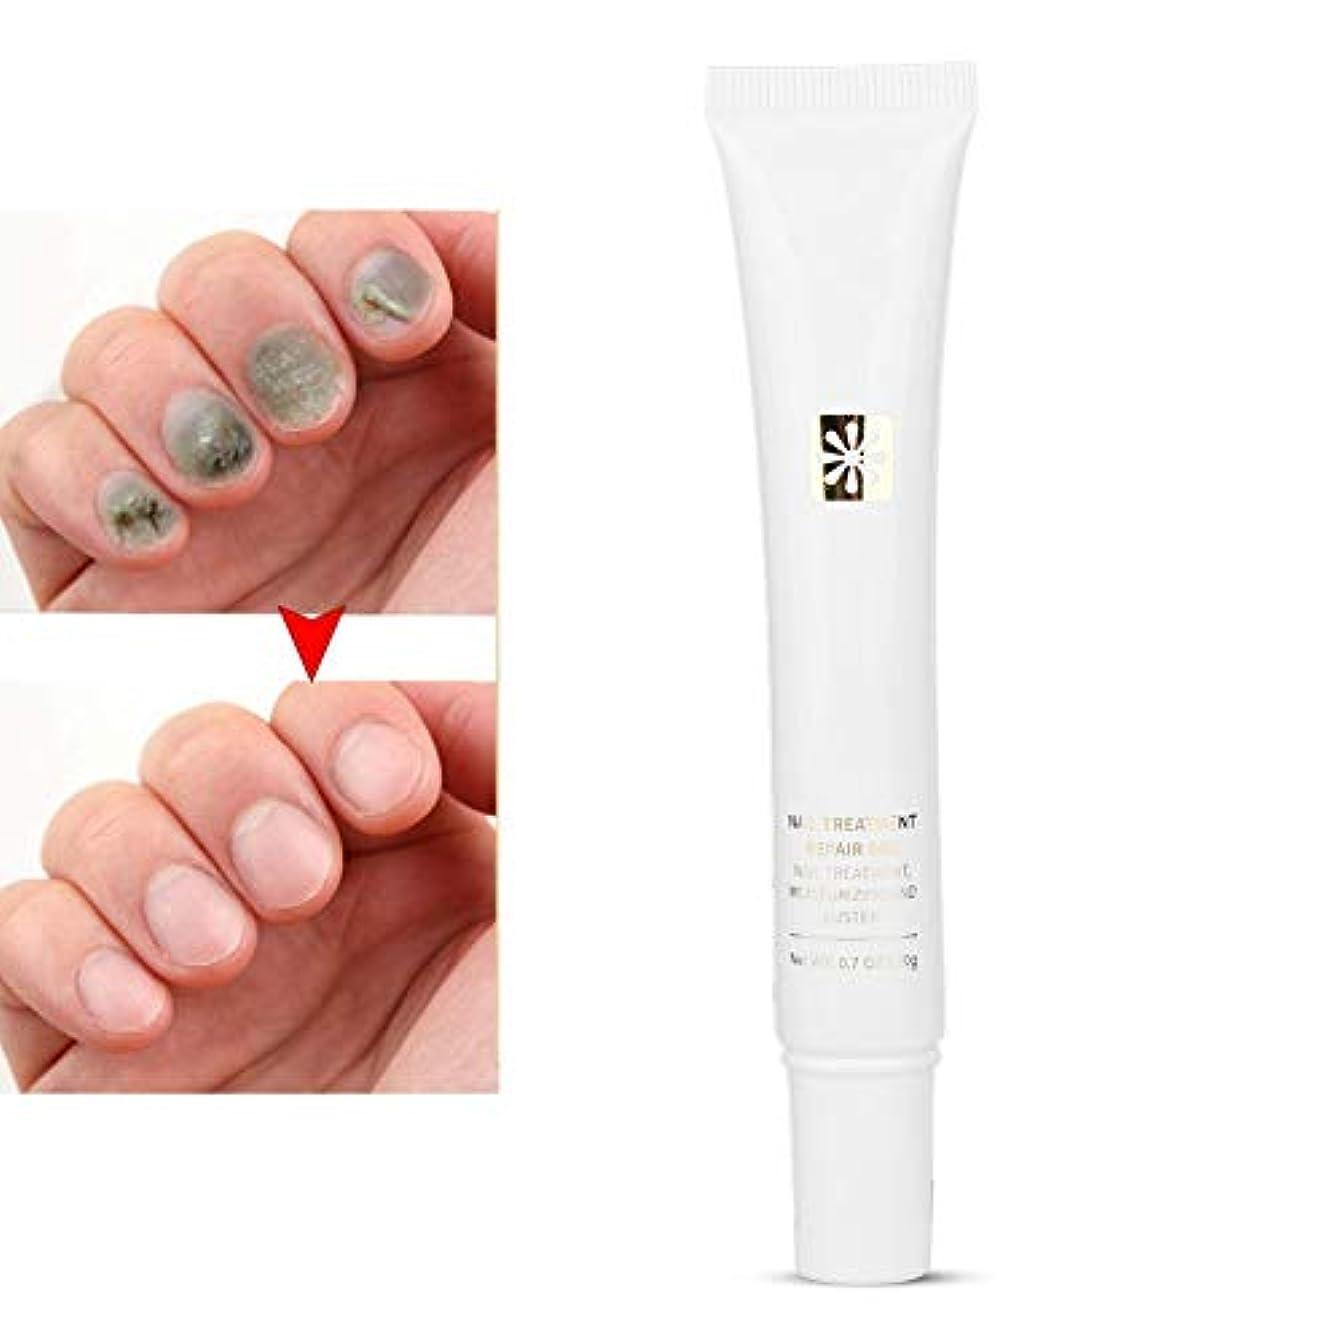 スプリットスナッチパースネイルケアクリーム、20g爪の補修霜の足のりのなめらかなダメージを受けた爪の回復に効果的です